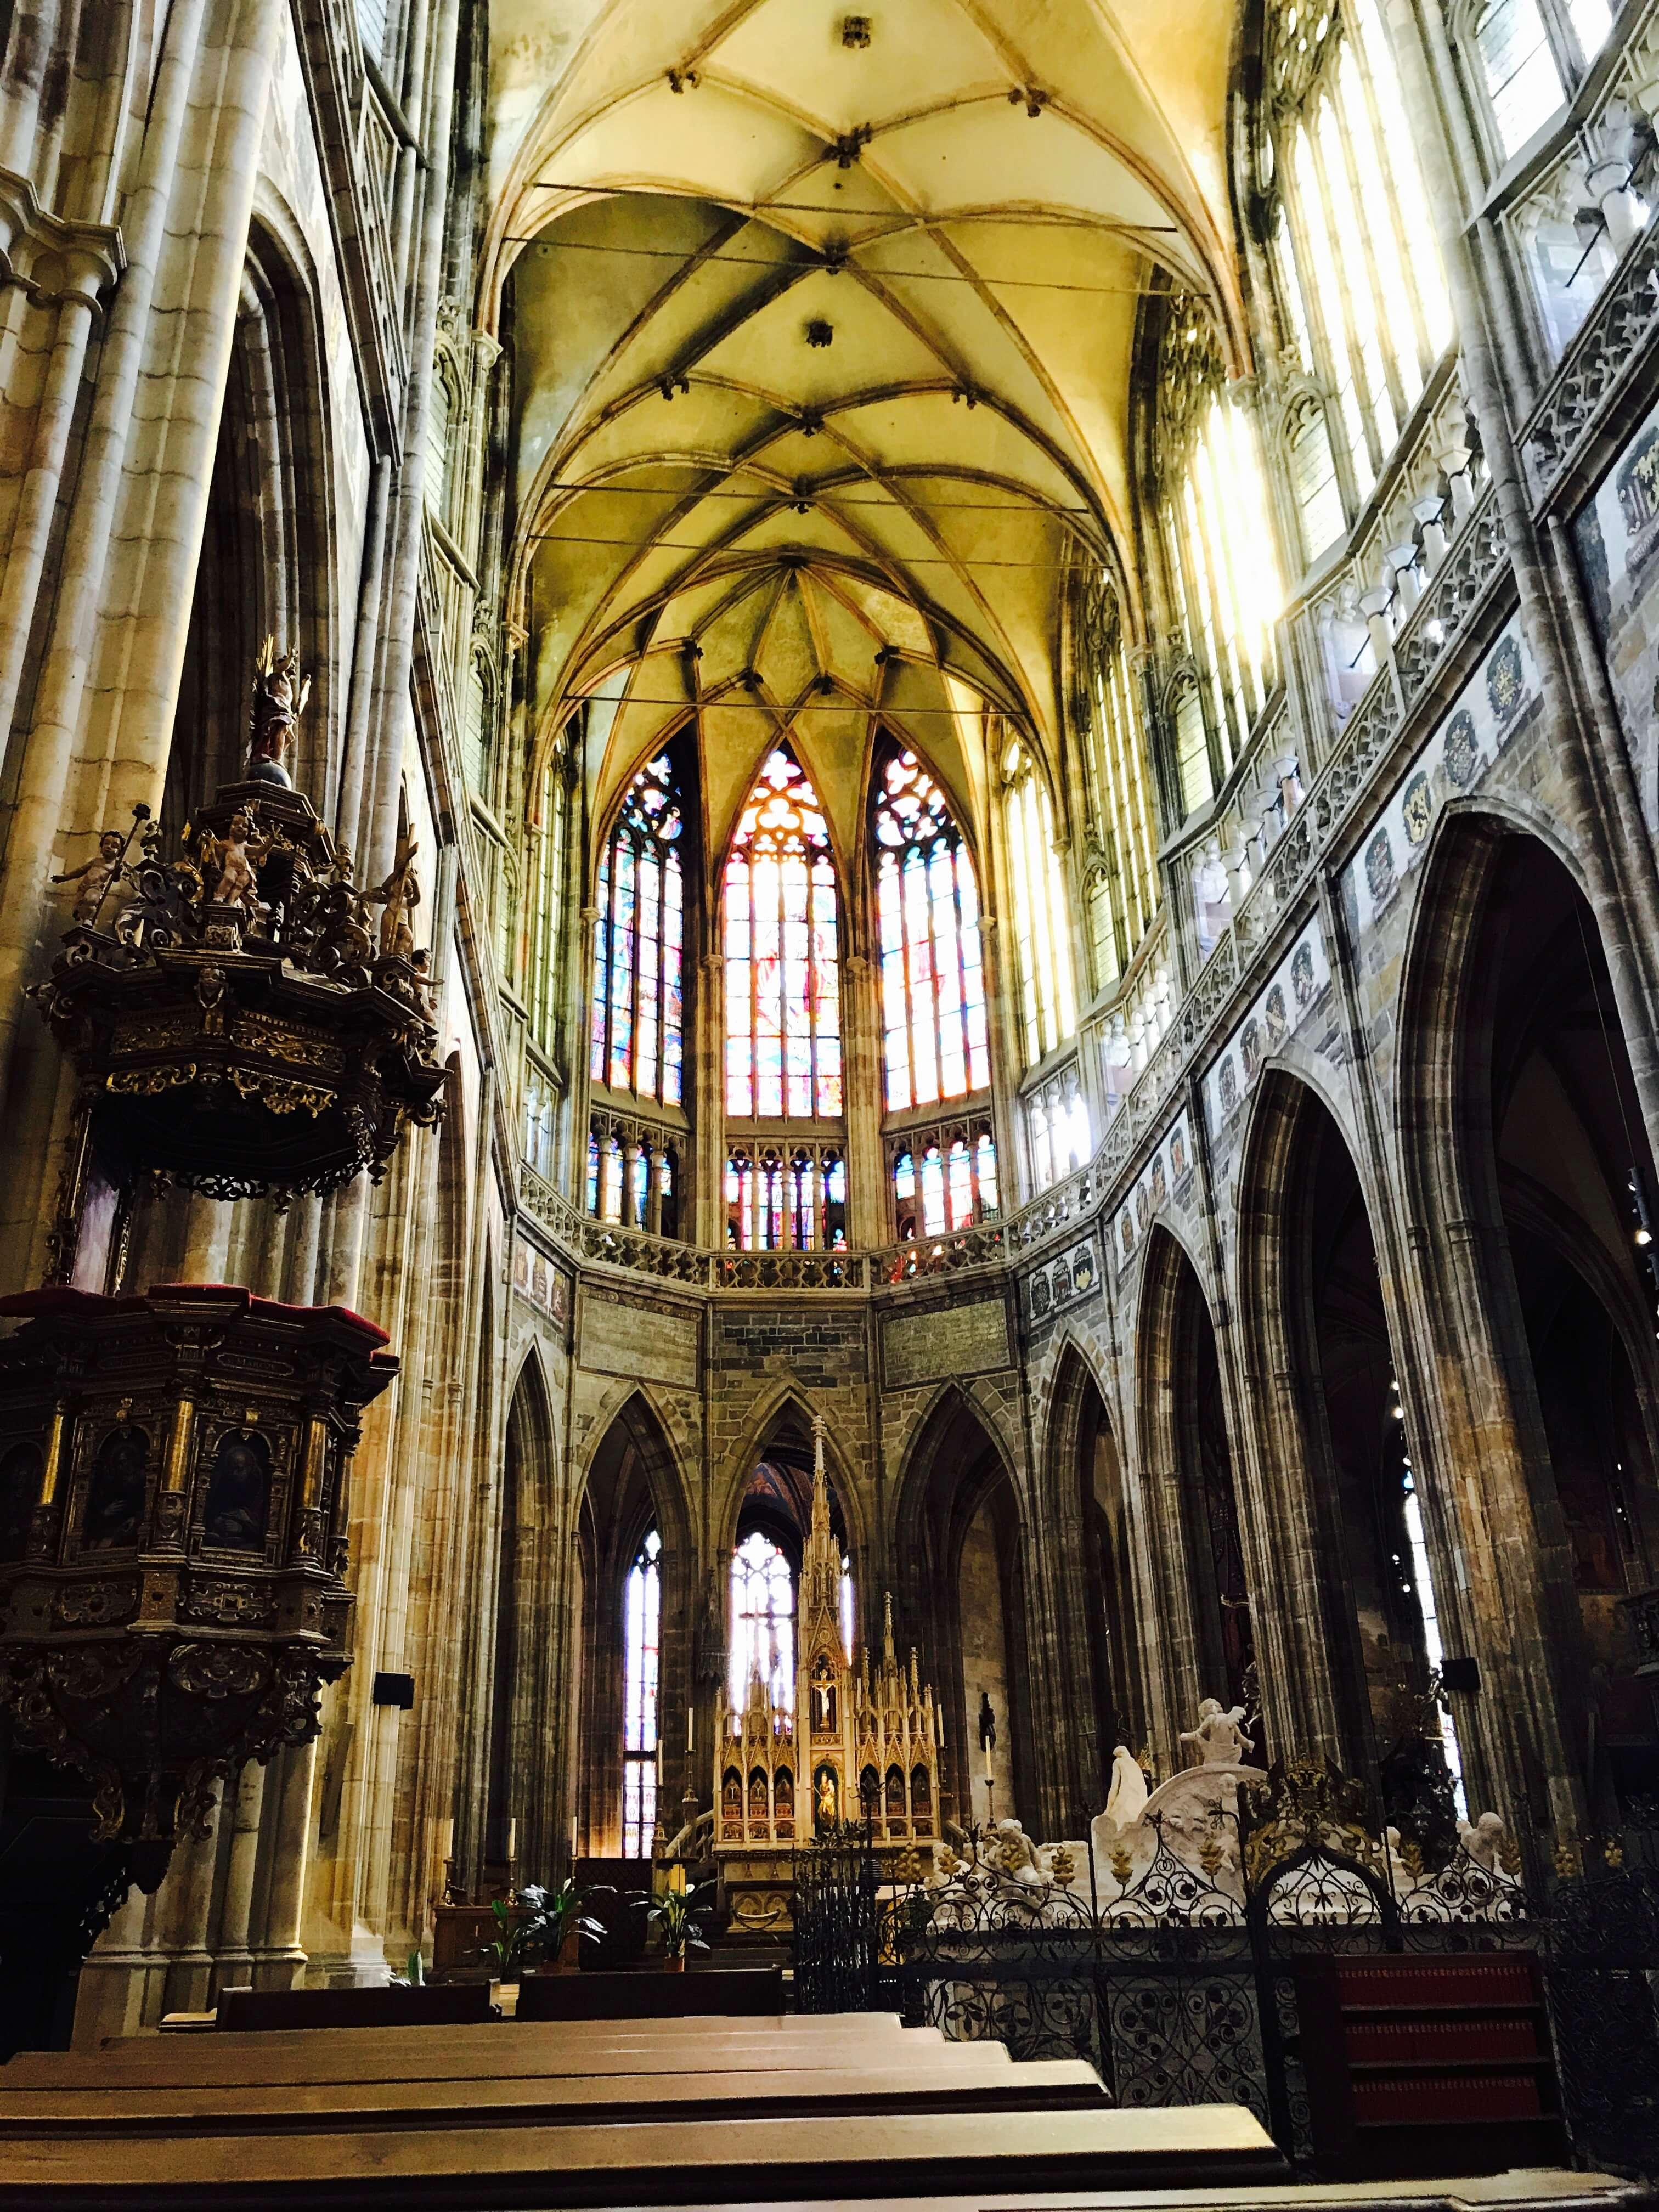 教堂中央挑高細長的天花板,佈滿交織成網狀的肋拱設計。Photographer / Penny